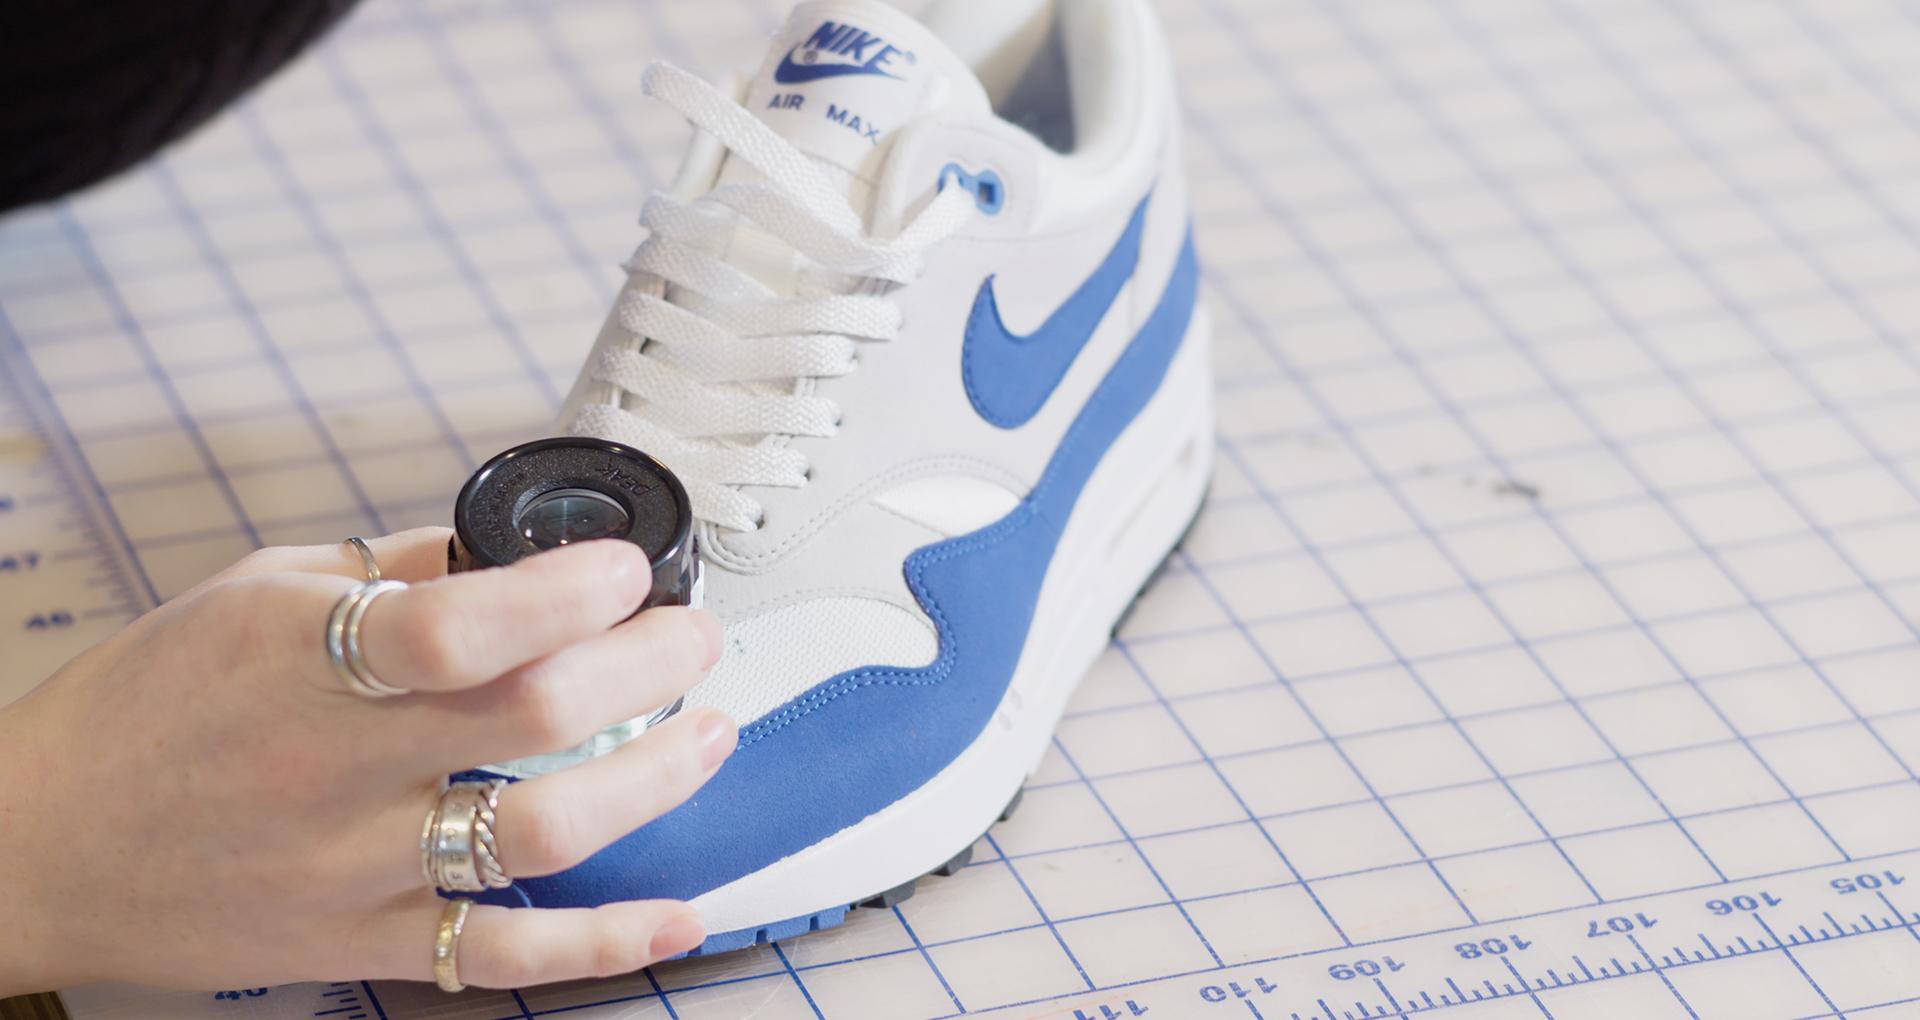 Nike Air Max 1 OG trở lại với hình bóng huyền thoại nhân dịp sinh nhật 30 năm - Ảnh 4.